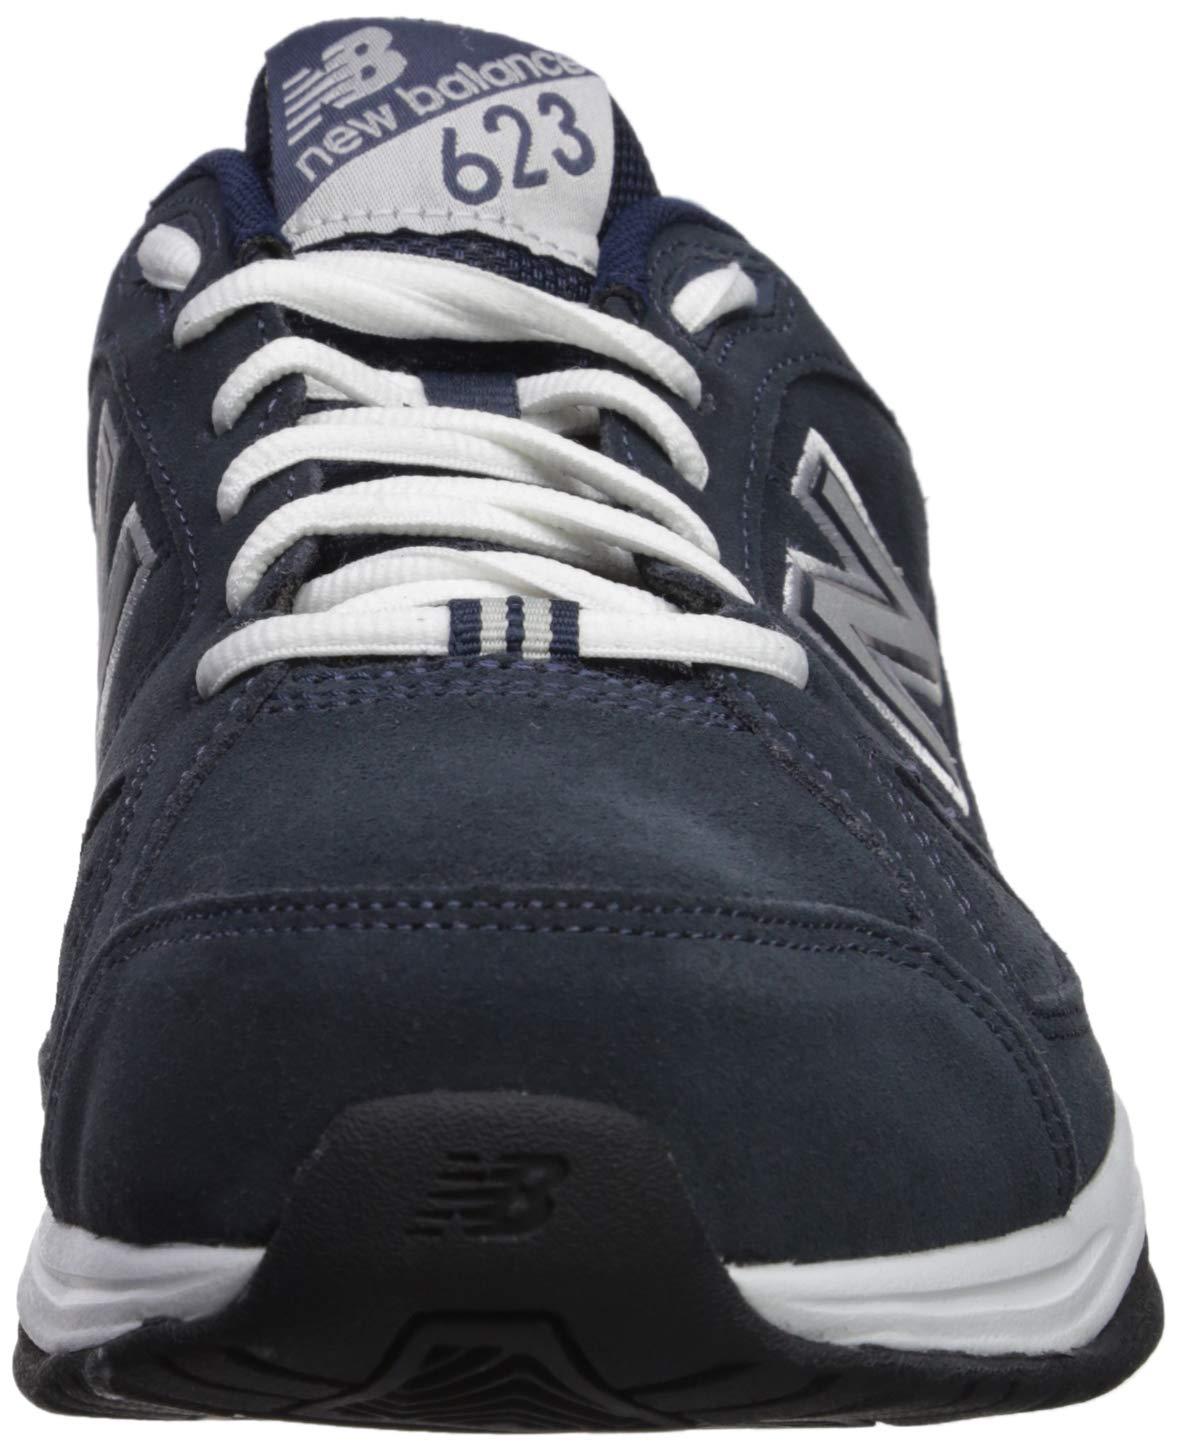 New Balance Men's MX623v3 Training Shoe, Navy, 7 W US by New Balance (Image #4)